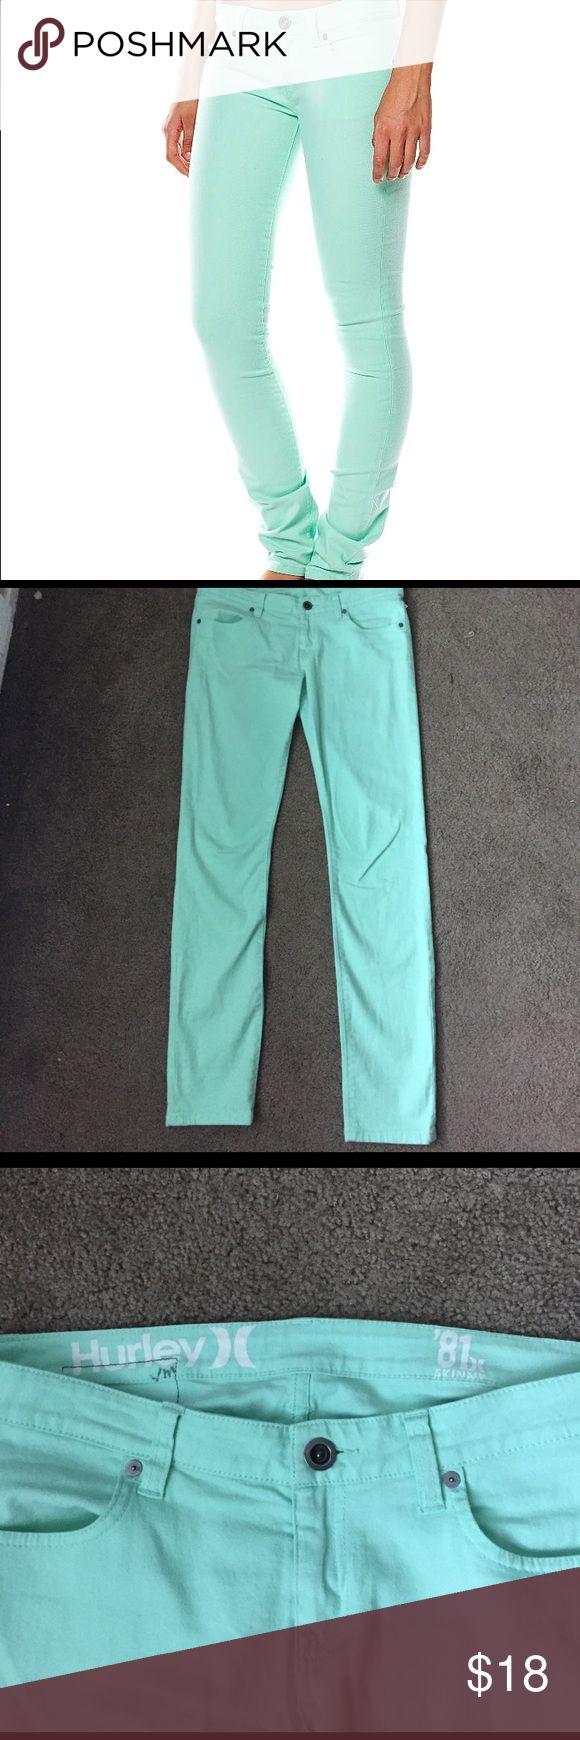 💞Weekend Sale💞Hurley 81 SkinnyTwillLegging Jeans Hurley 81 Skinny Twill Legging Jeans Seafoam. Super cute size 28. Hurley Jeans Skinny